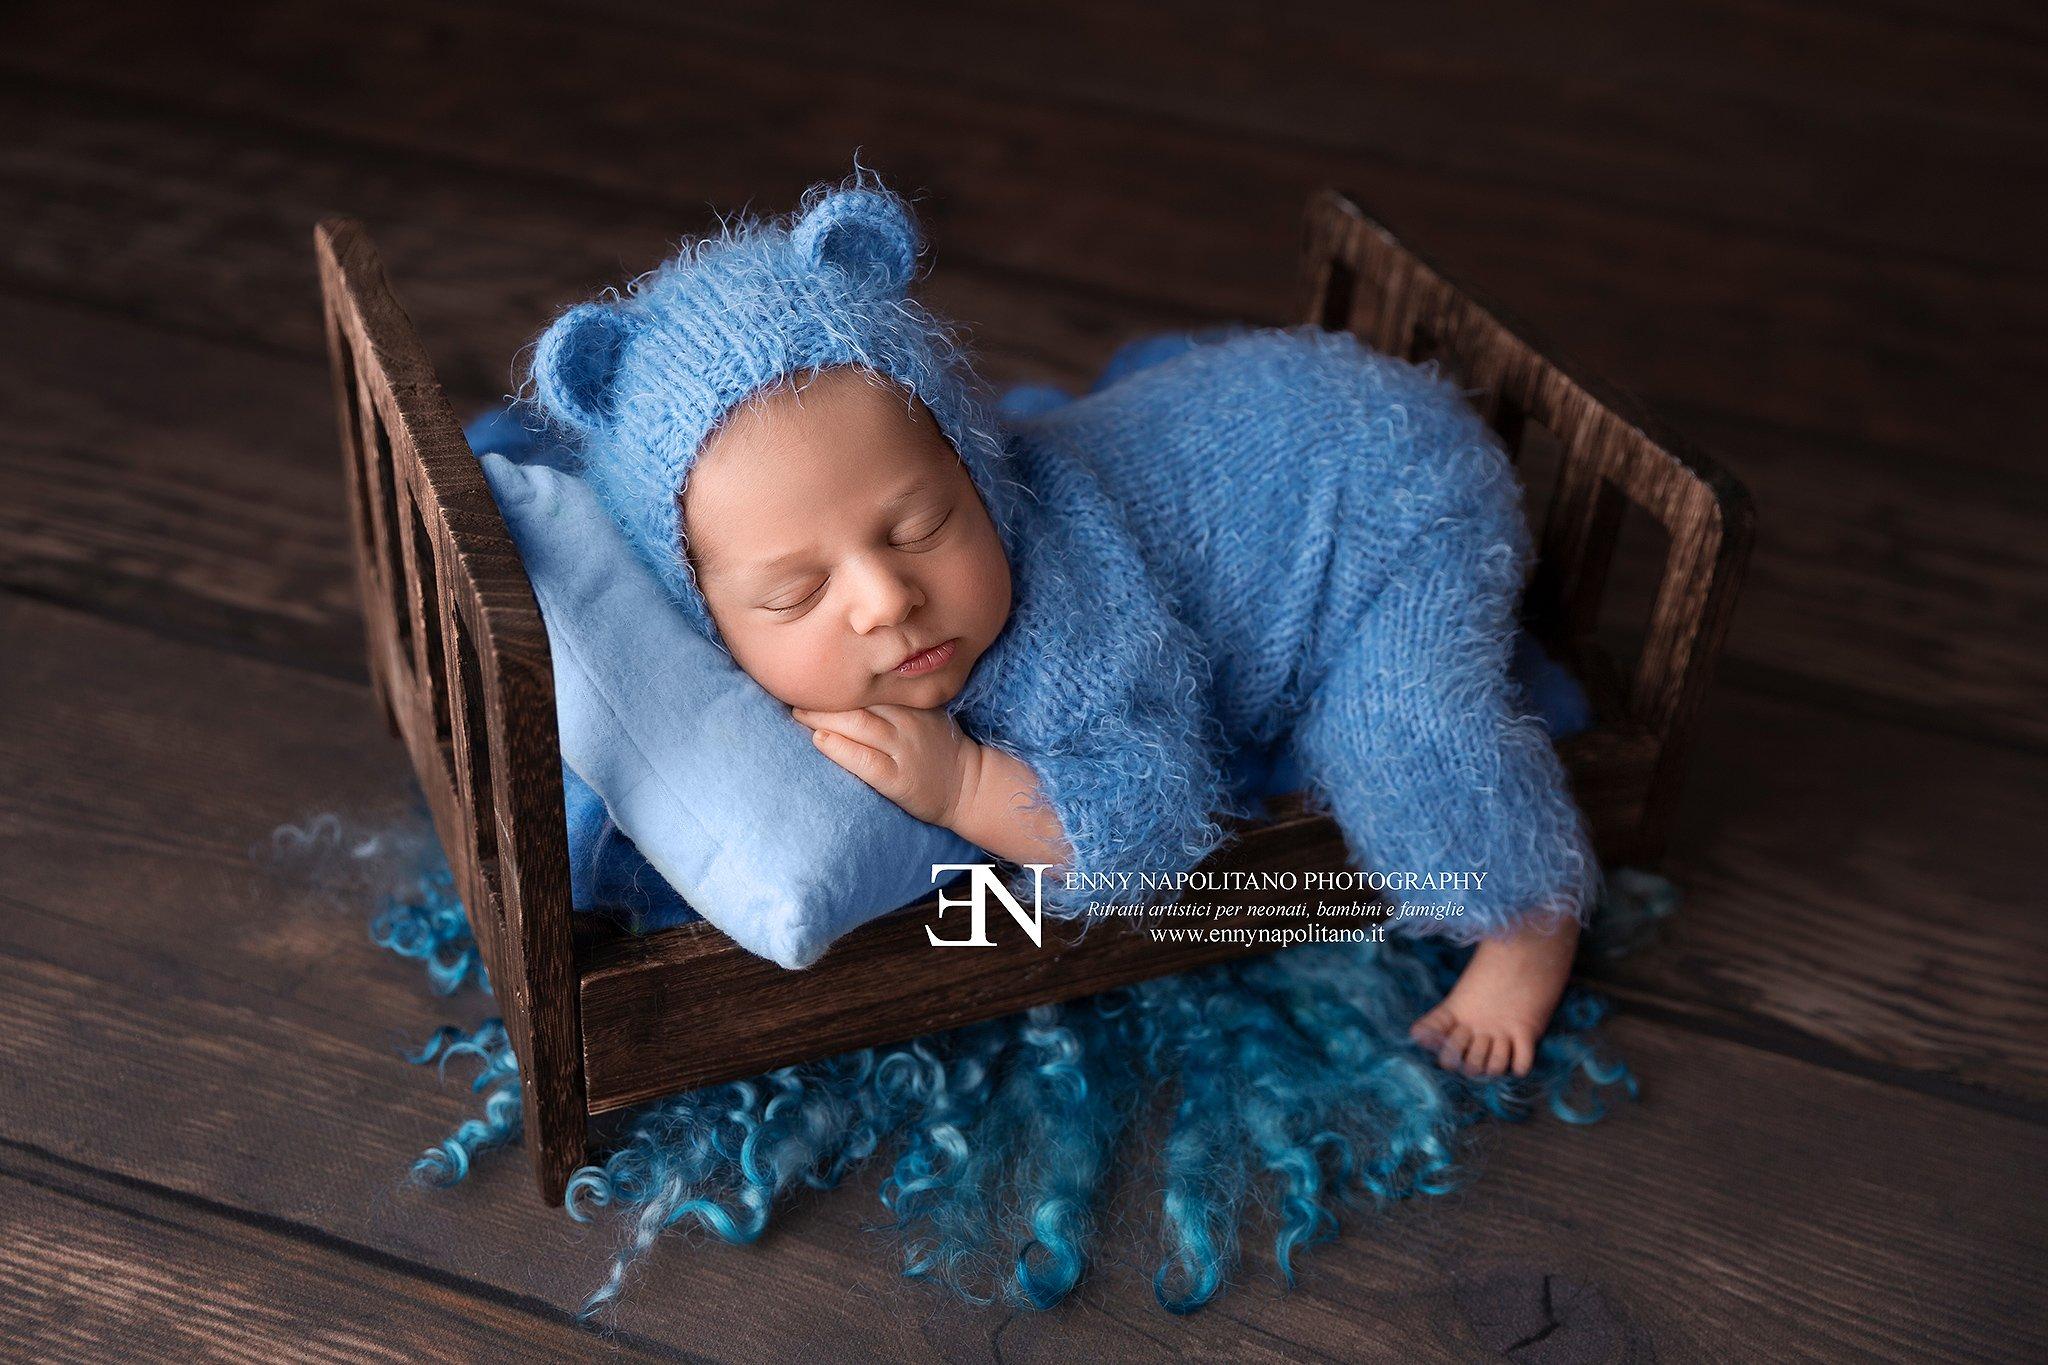 neonato su lettino con orecchie da orsacchiotto e tutina servizio fotografico neonati Milano